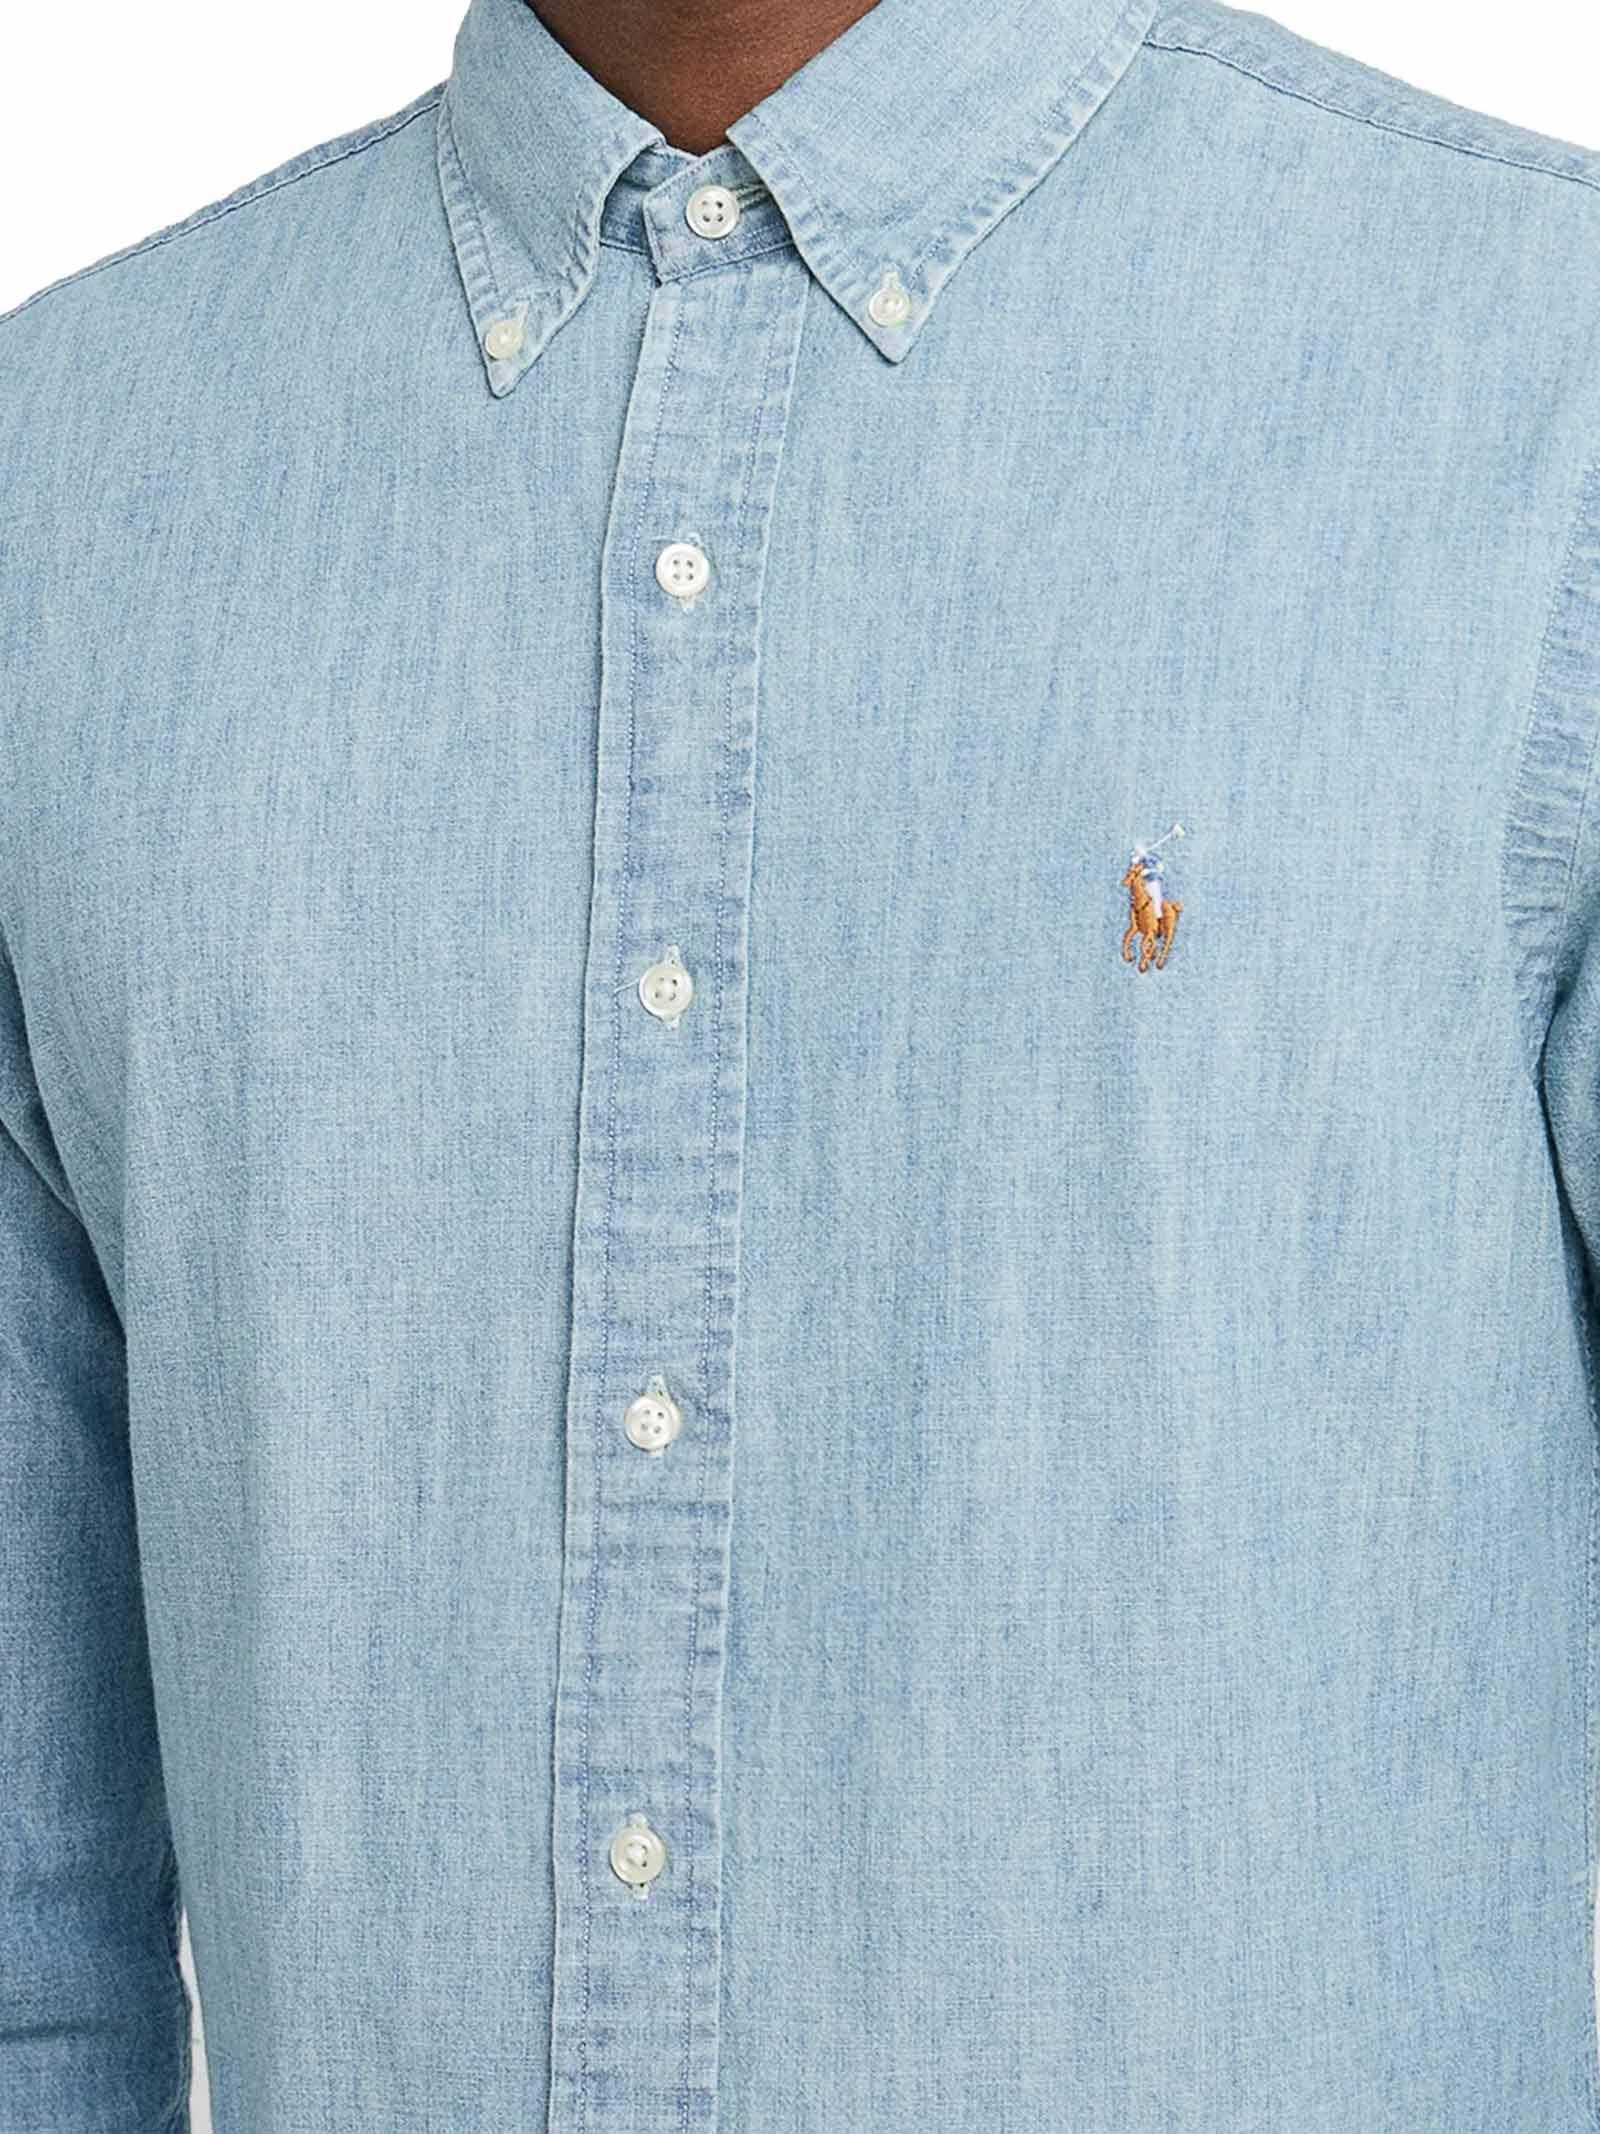 RALPH LAUREN | Shirt | 710-548538001